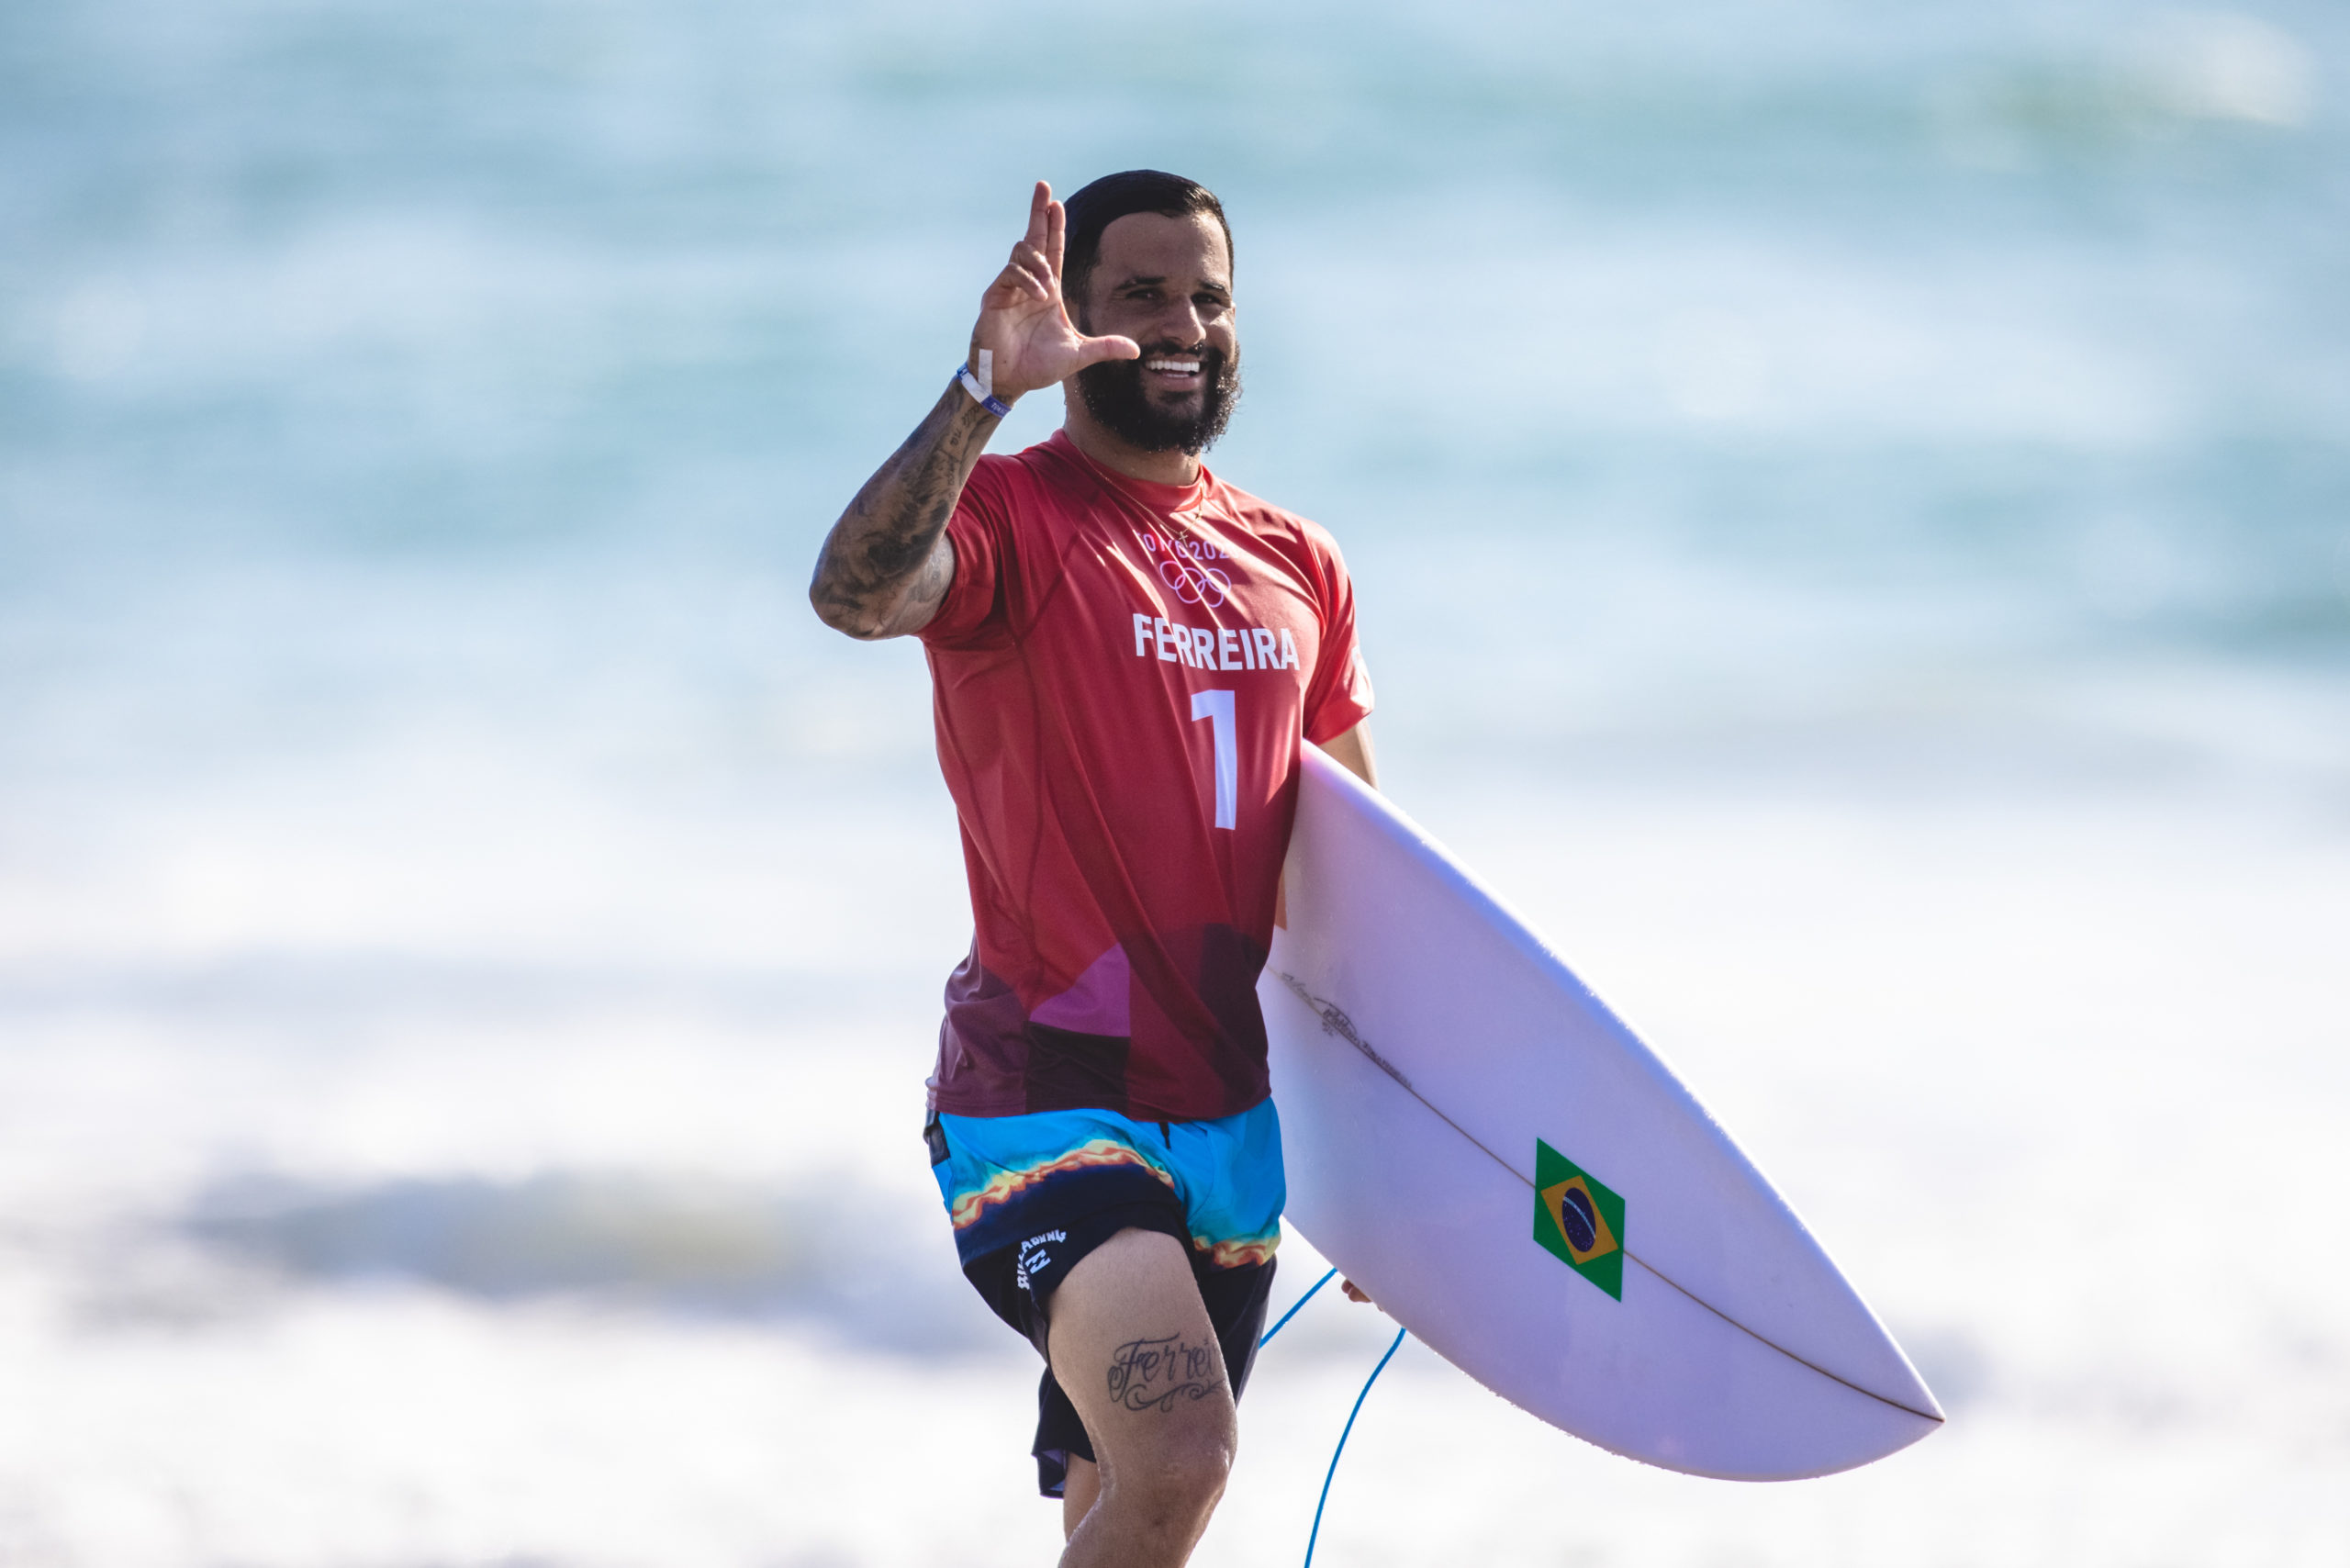 Ítalo Ferreira comemora a vitória na primeira prova da história do surf olímpico